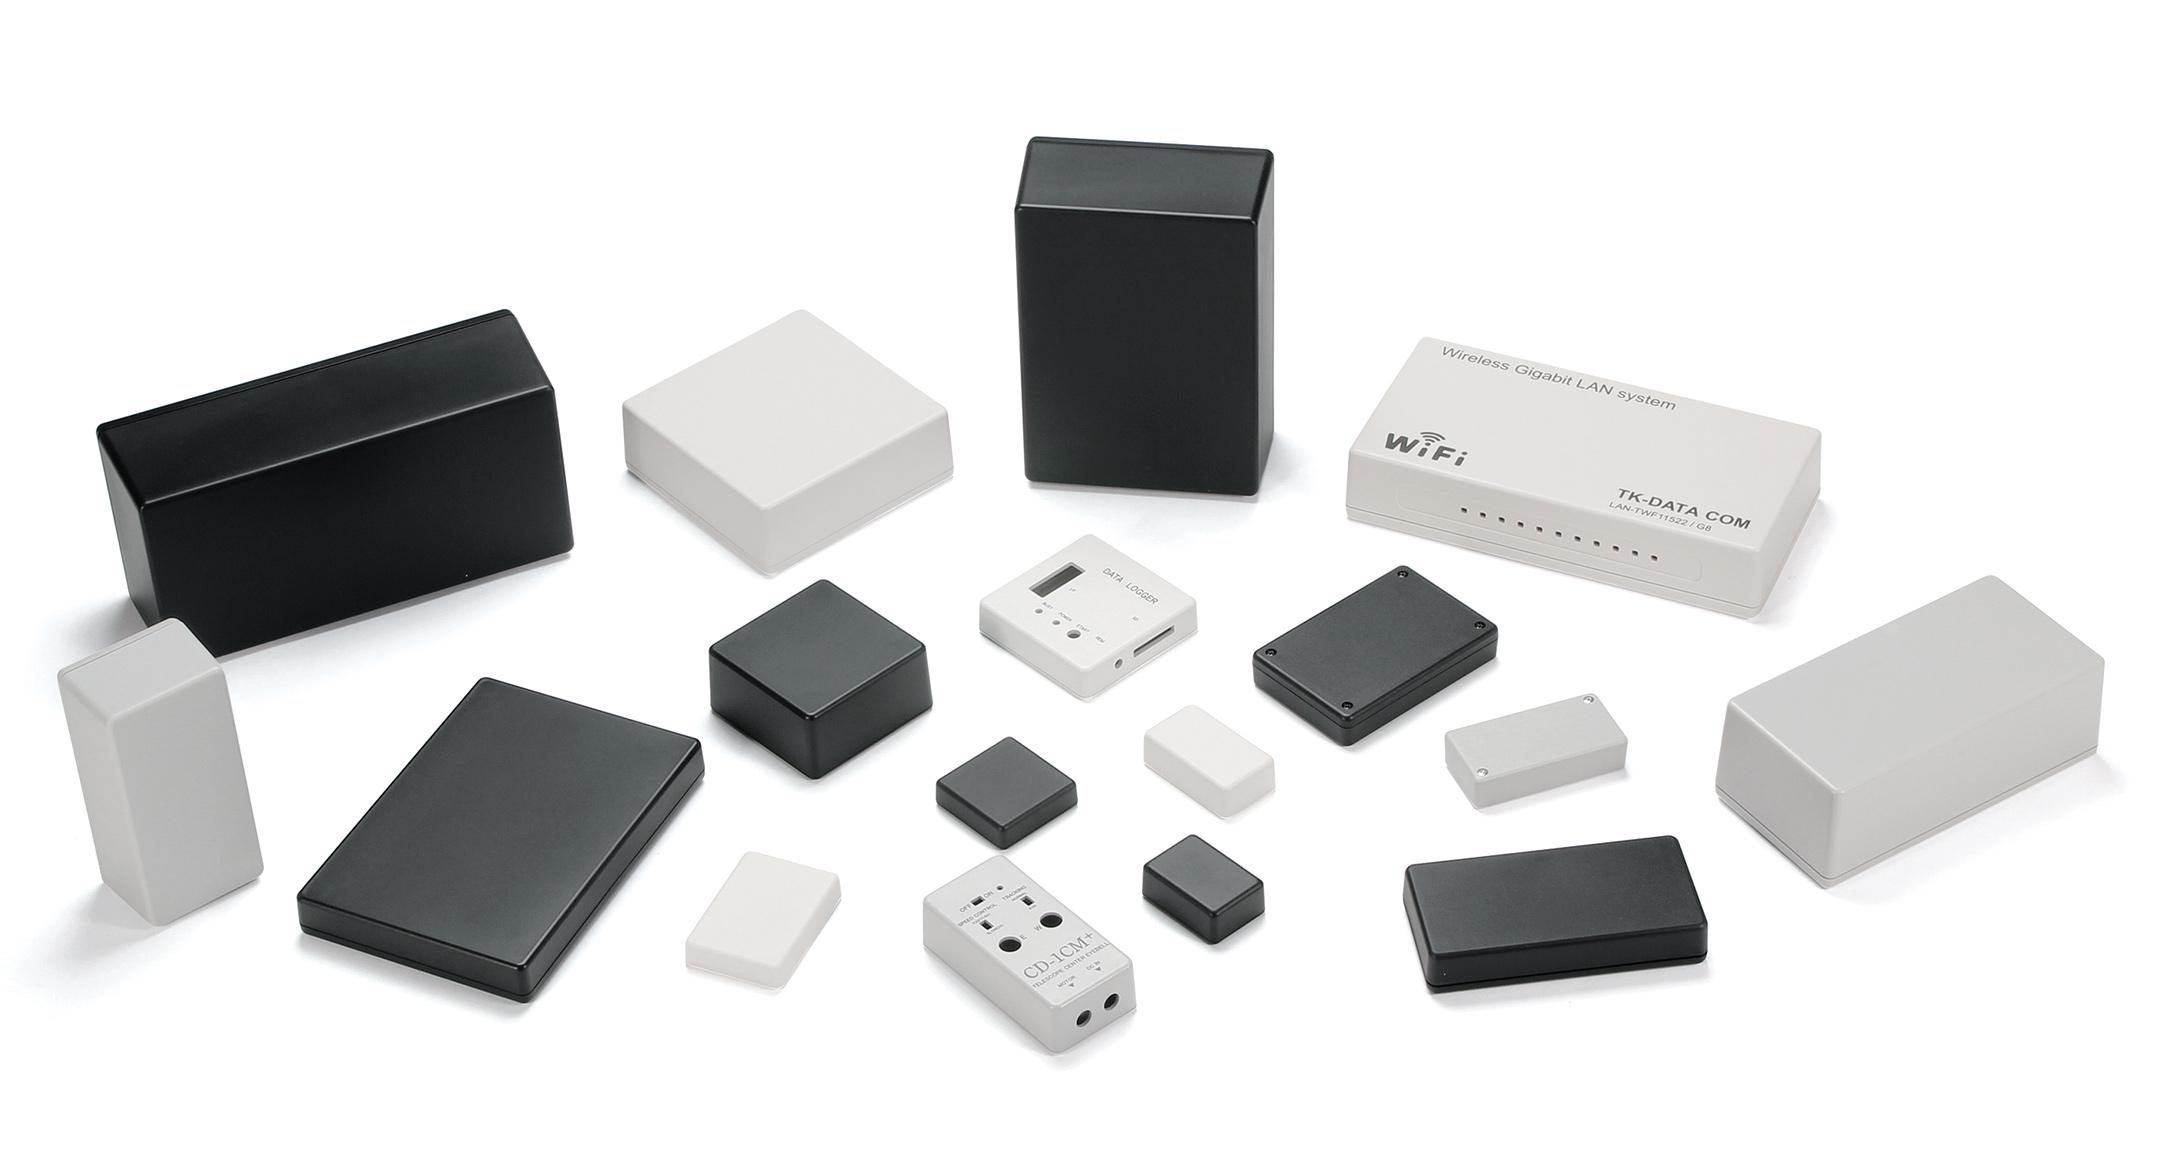 プラスチックケース 汎用・低価格型 TWシリーズの画像